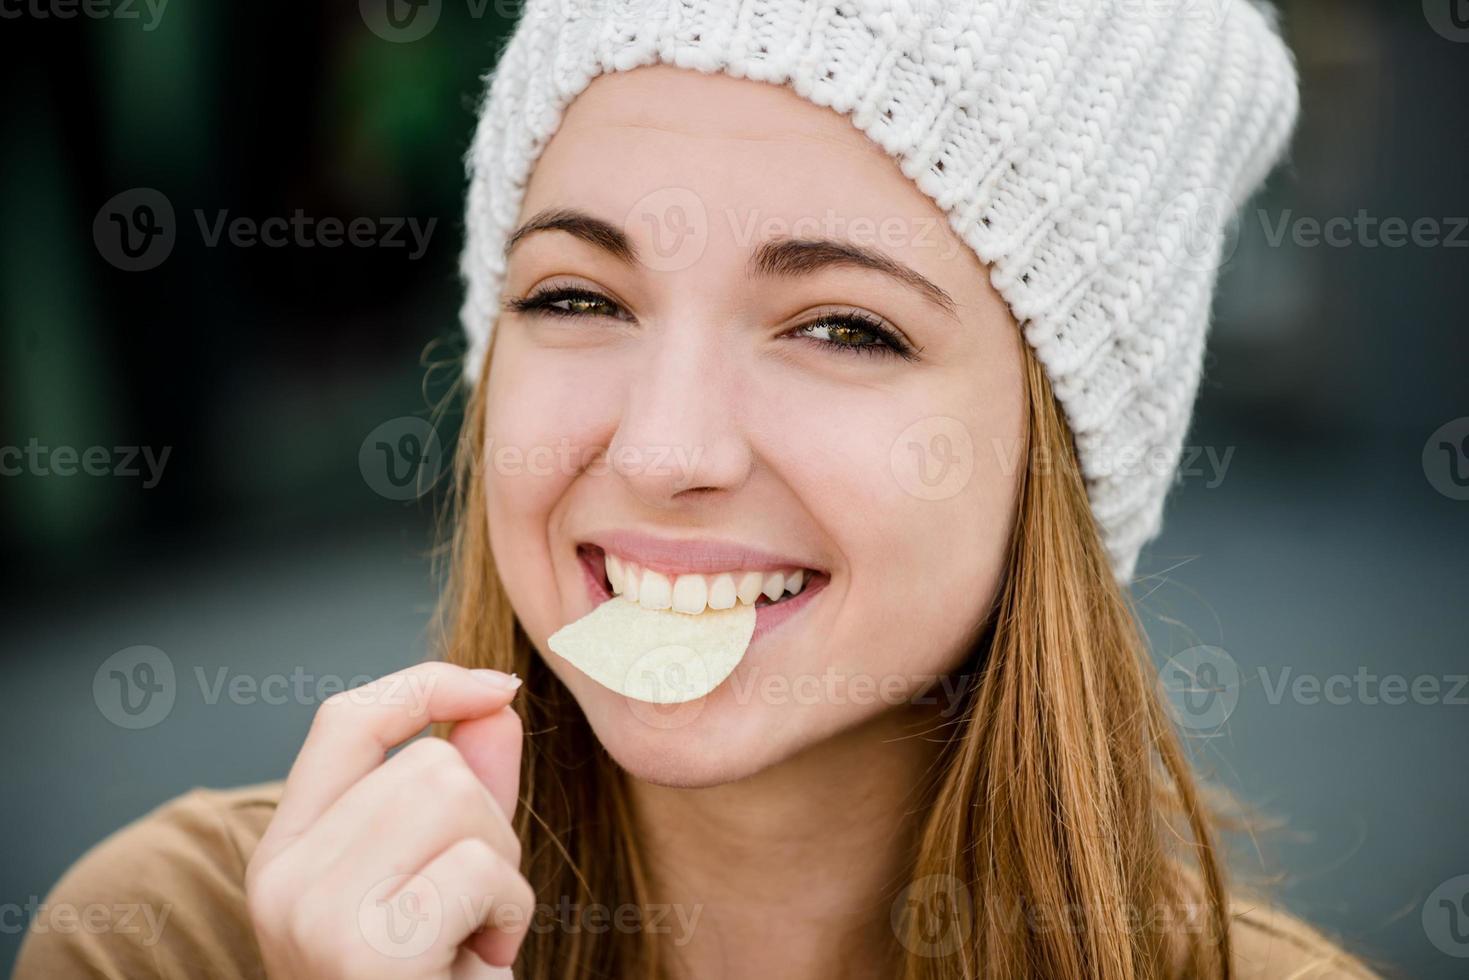 tonåring äter chips foto